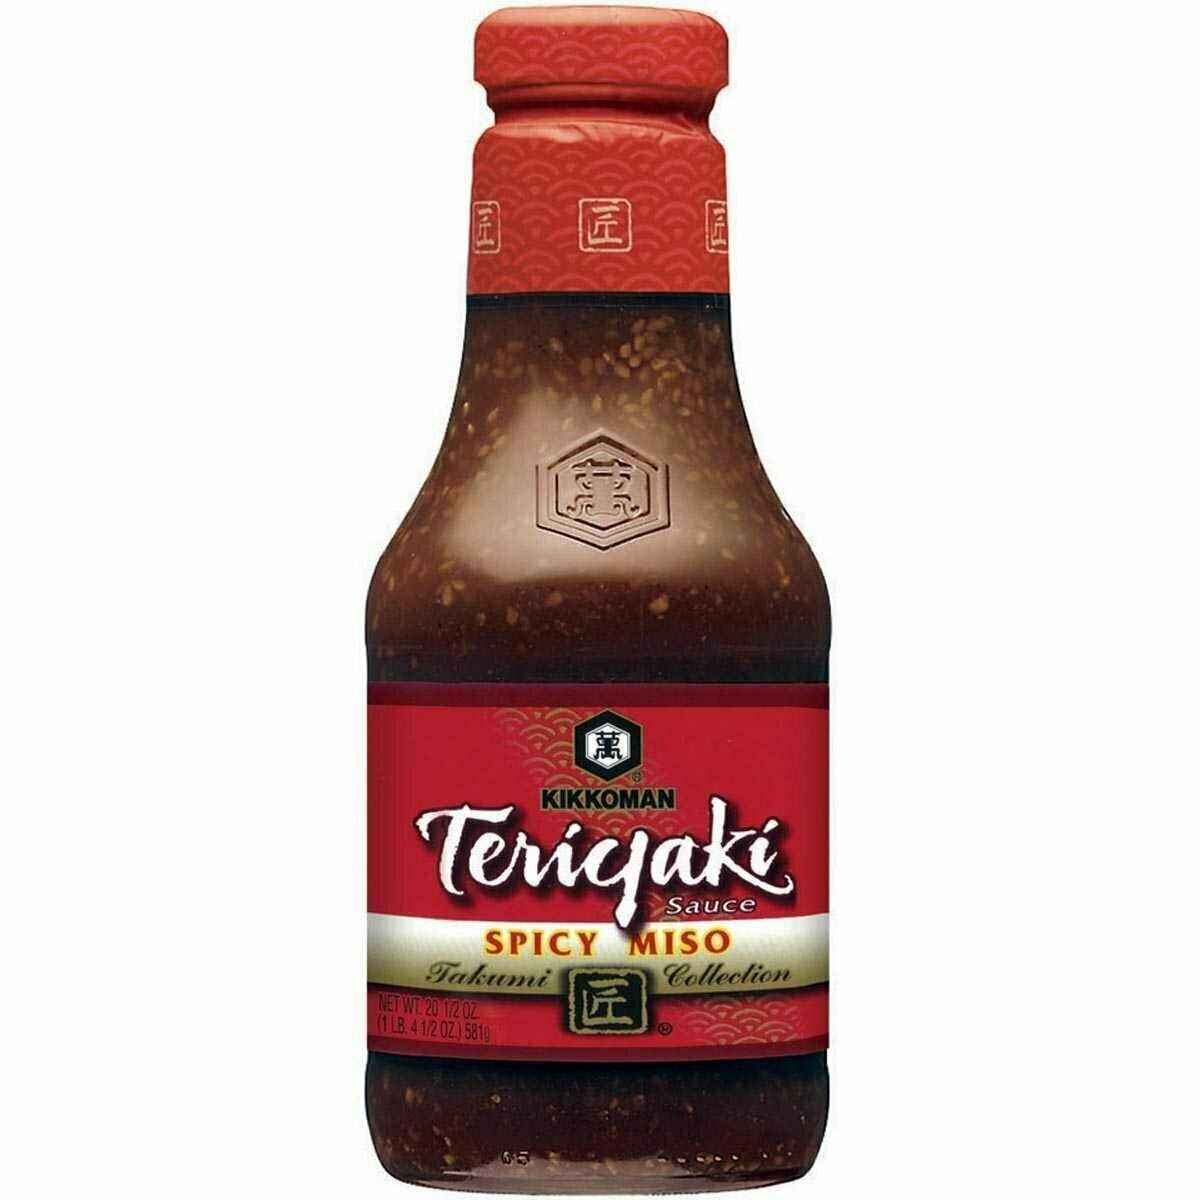 Kikkoman Teriyaki Sauce Spicy Miso (20.5 Fl. Oz)